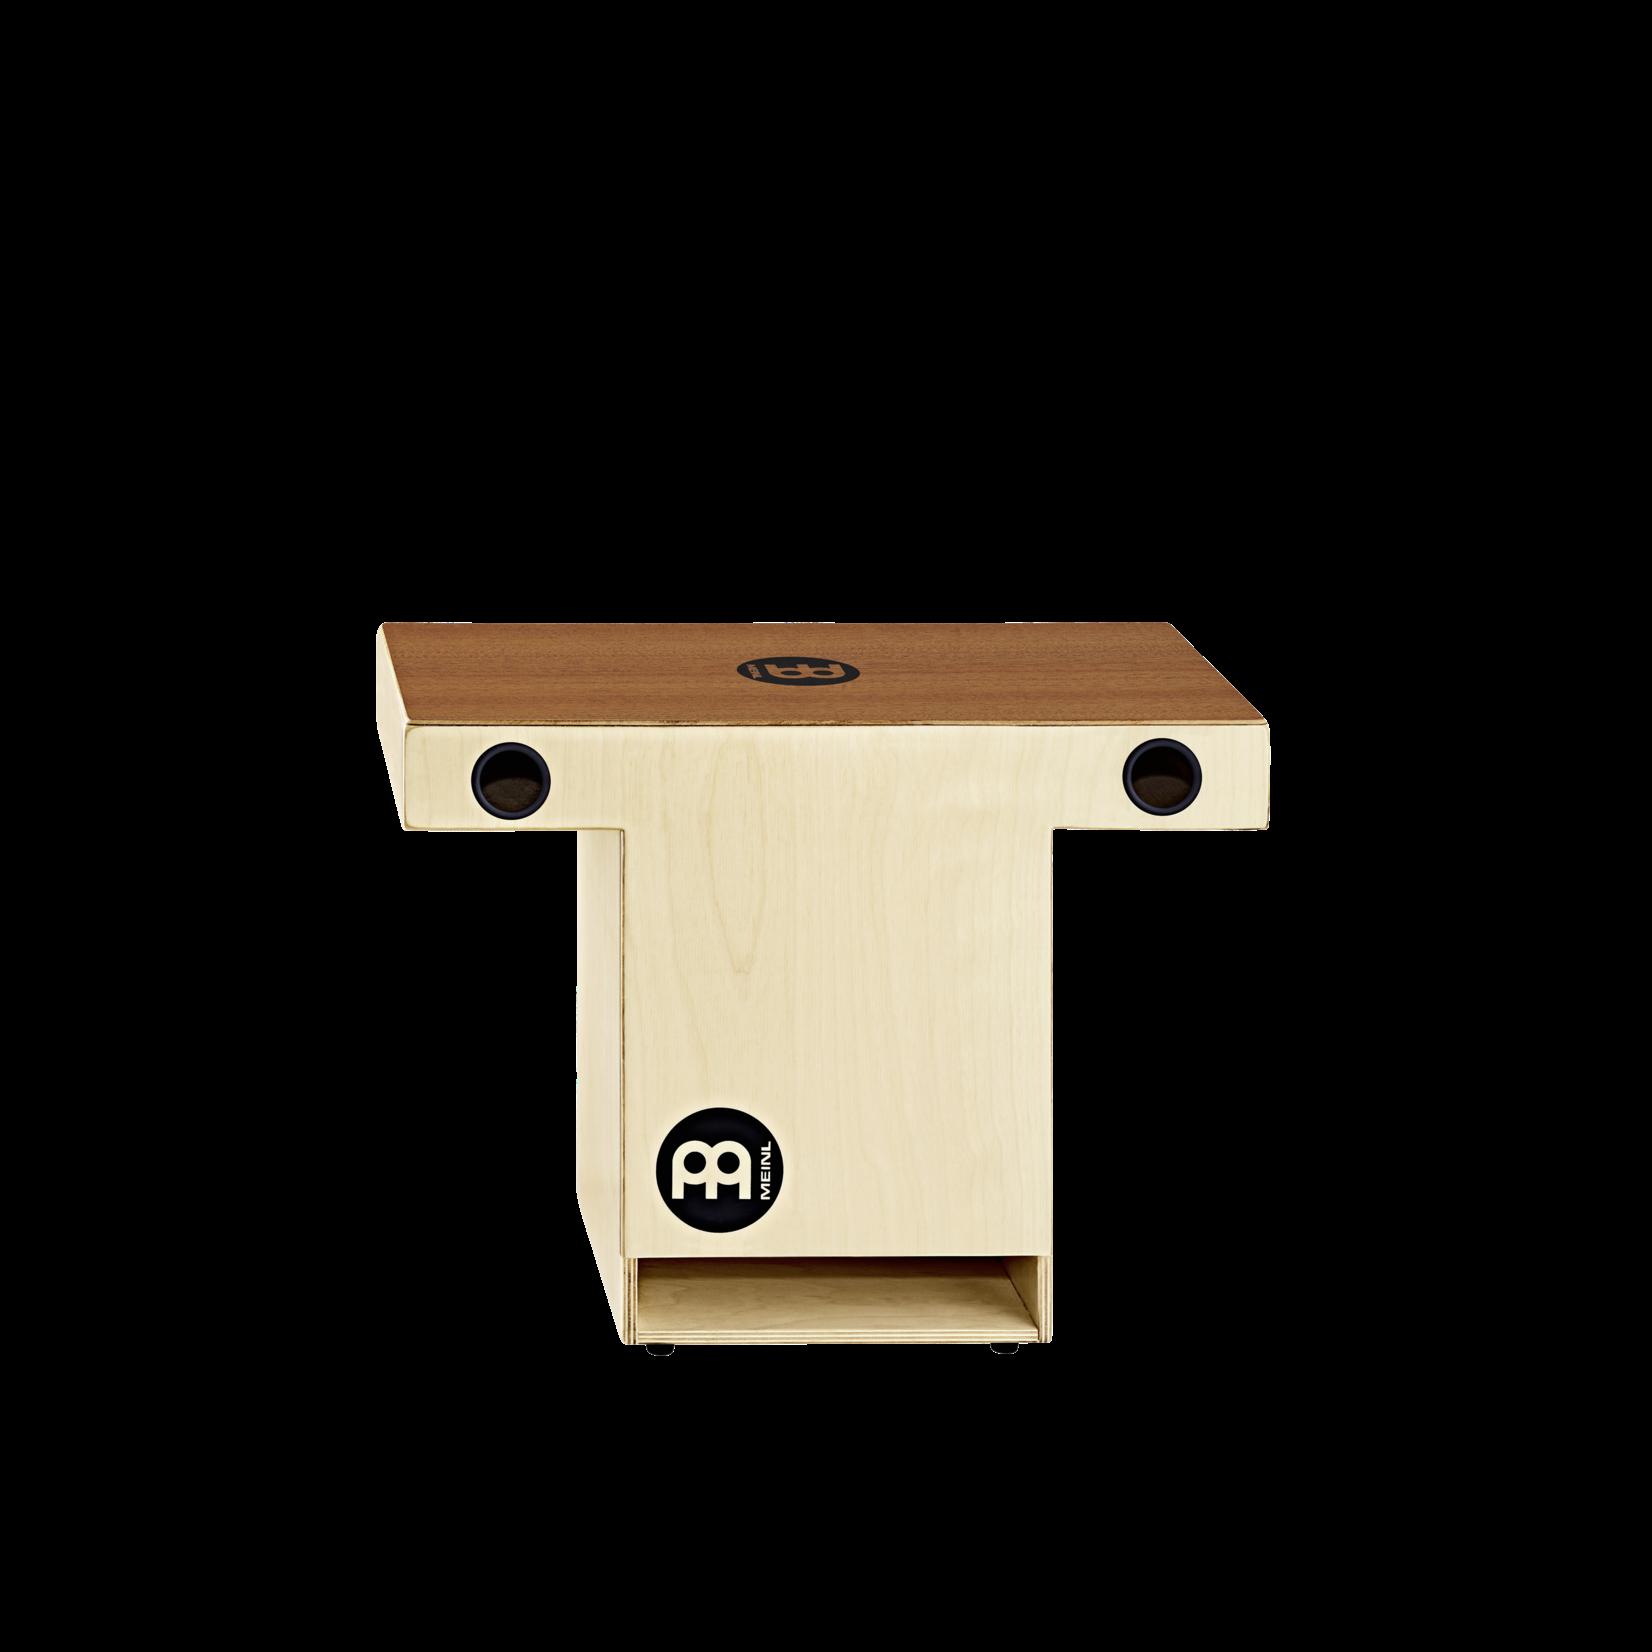 Meinl Meinl turbo slaptop cajon, mahogany